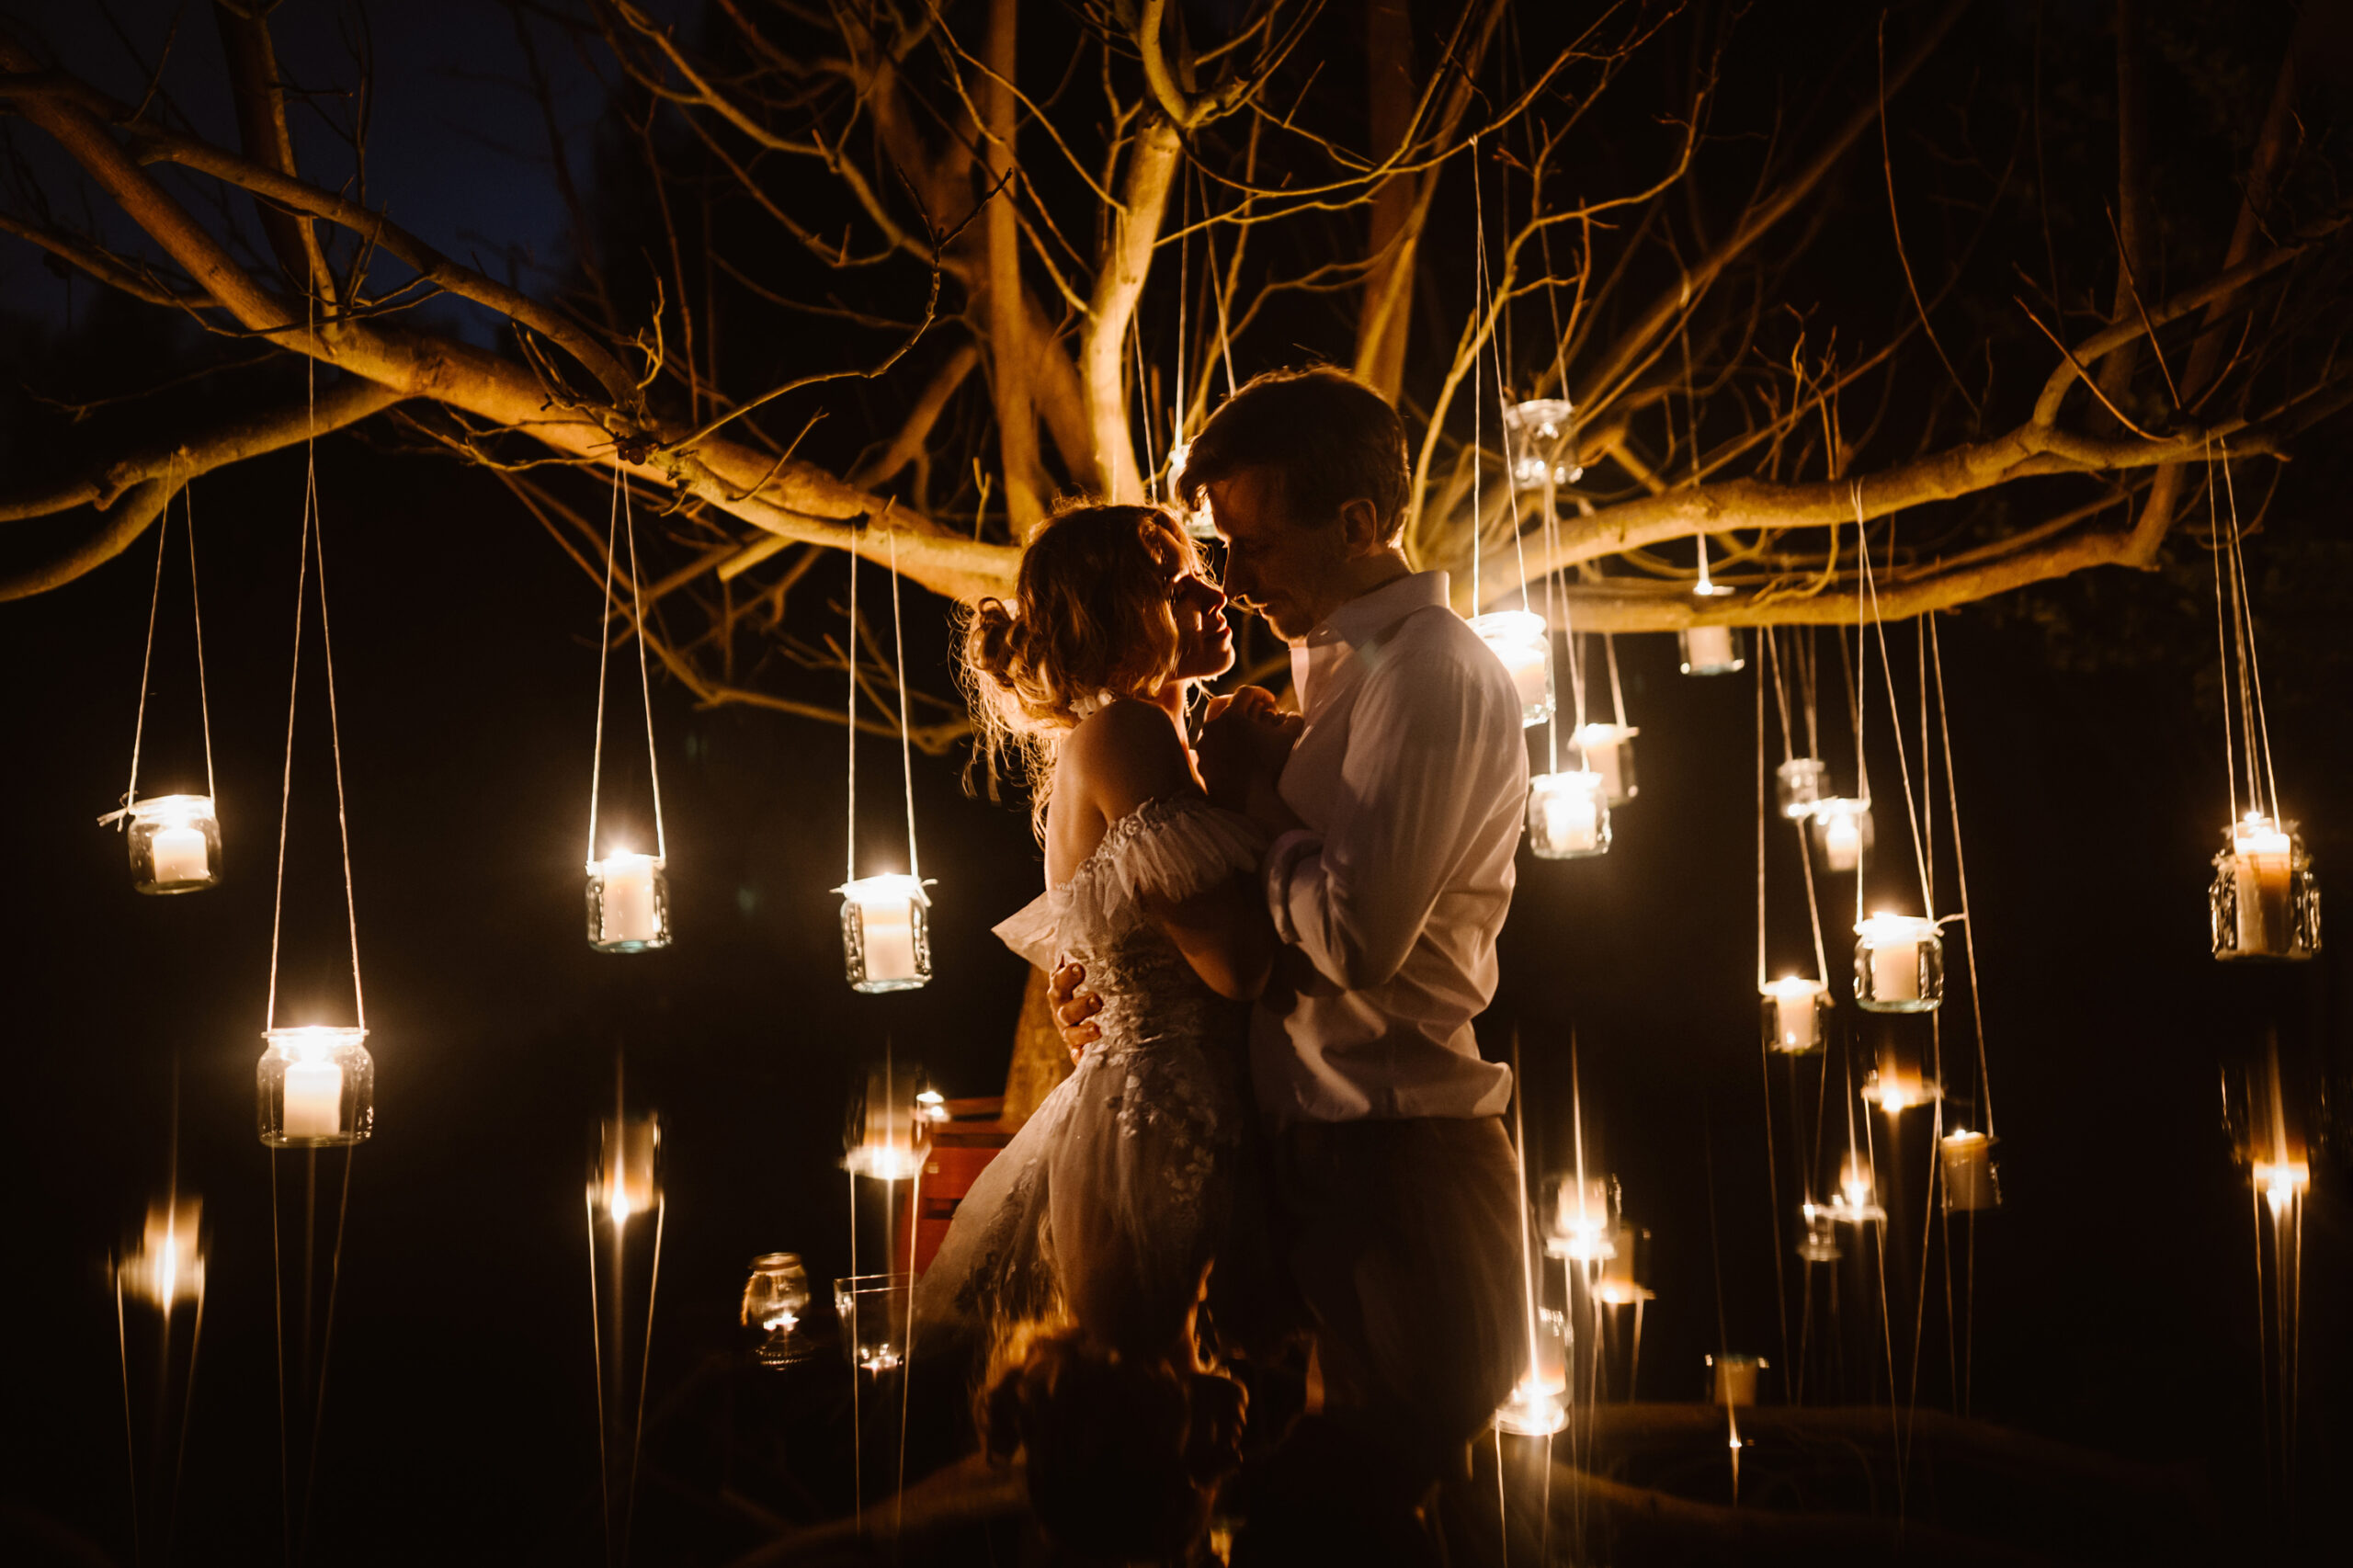 odnowienie przysięgi ślub humanistyczny